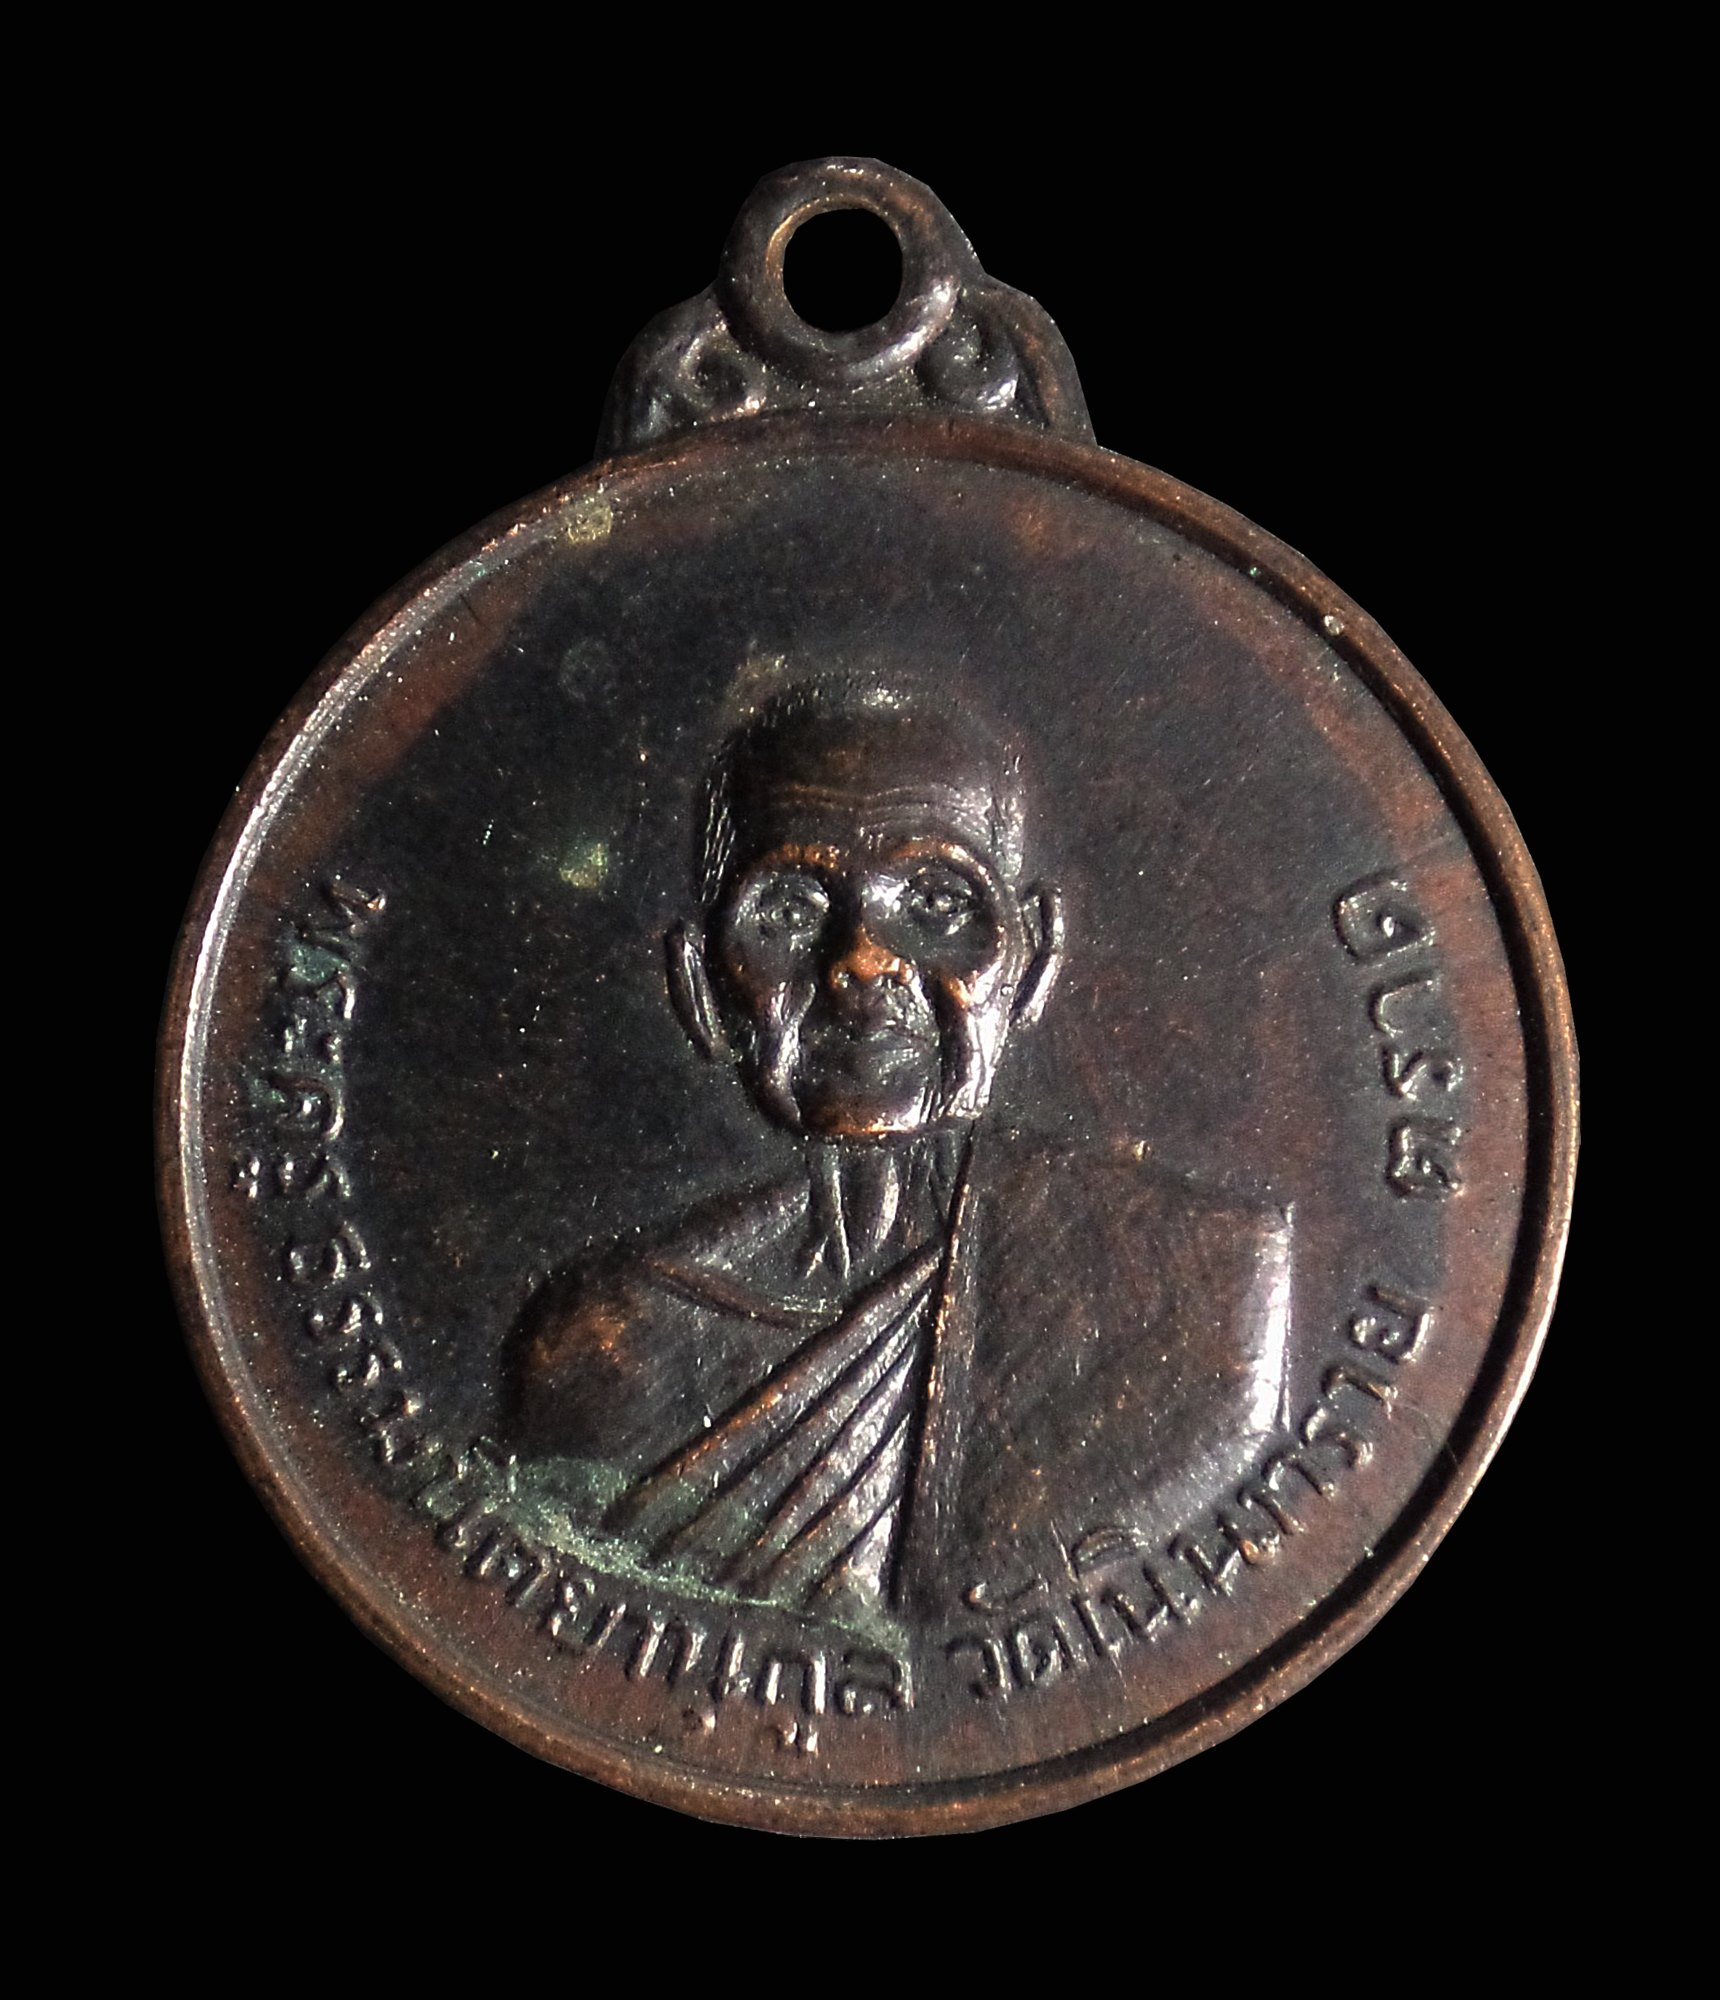 เหรียญฉลองพัดชั้นพิเศษ พระครูธรรมนิตยานุกูล วัดเนินทราย จ.ตราด ปี 2515